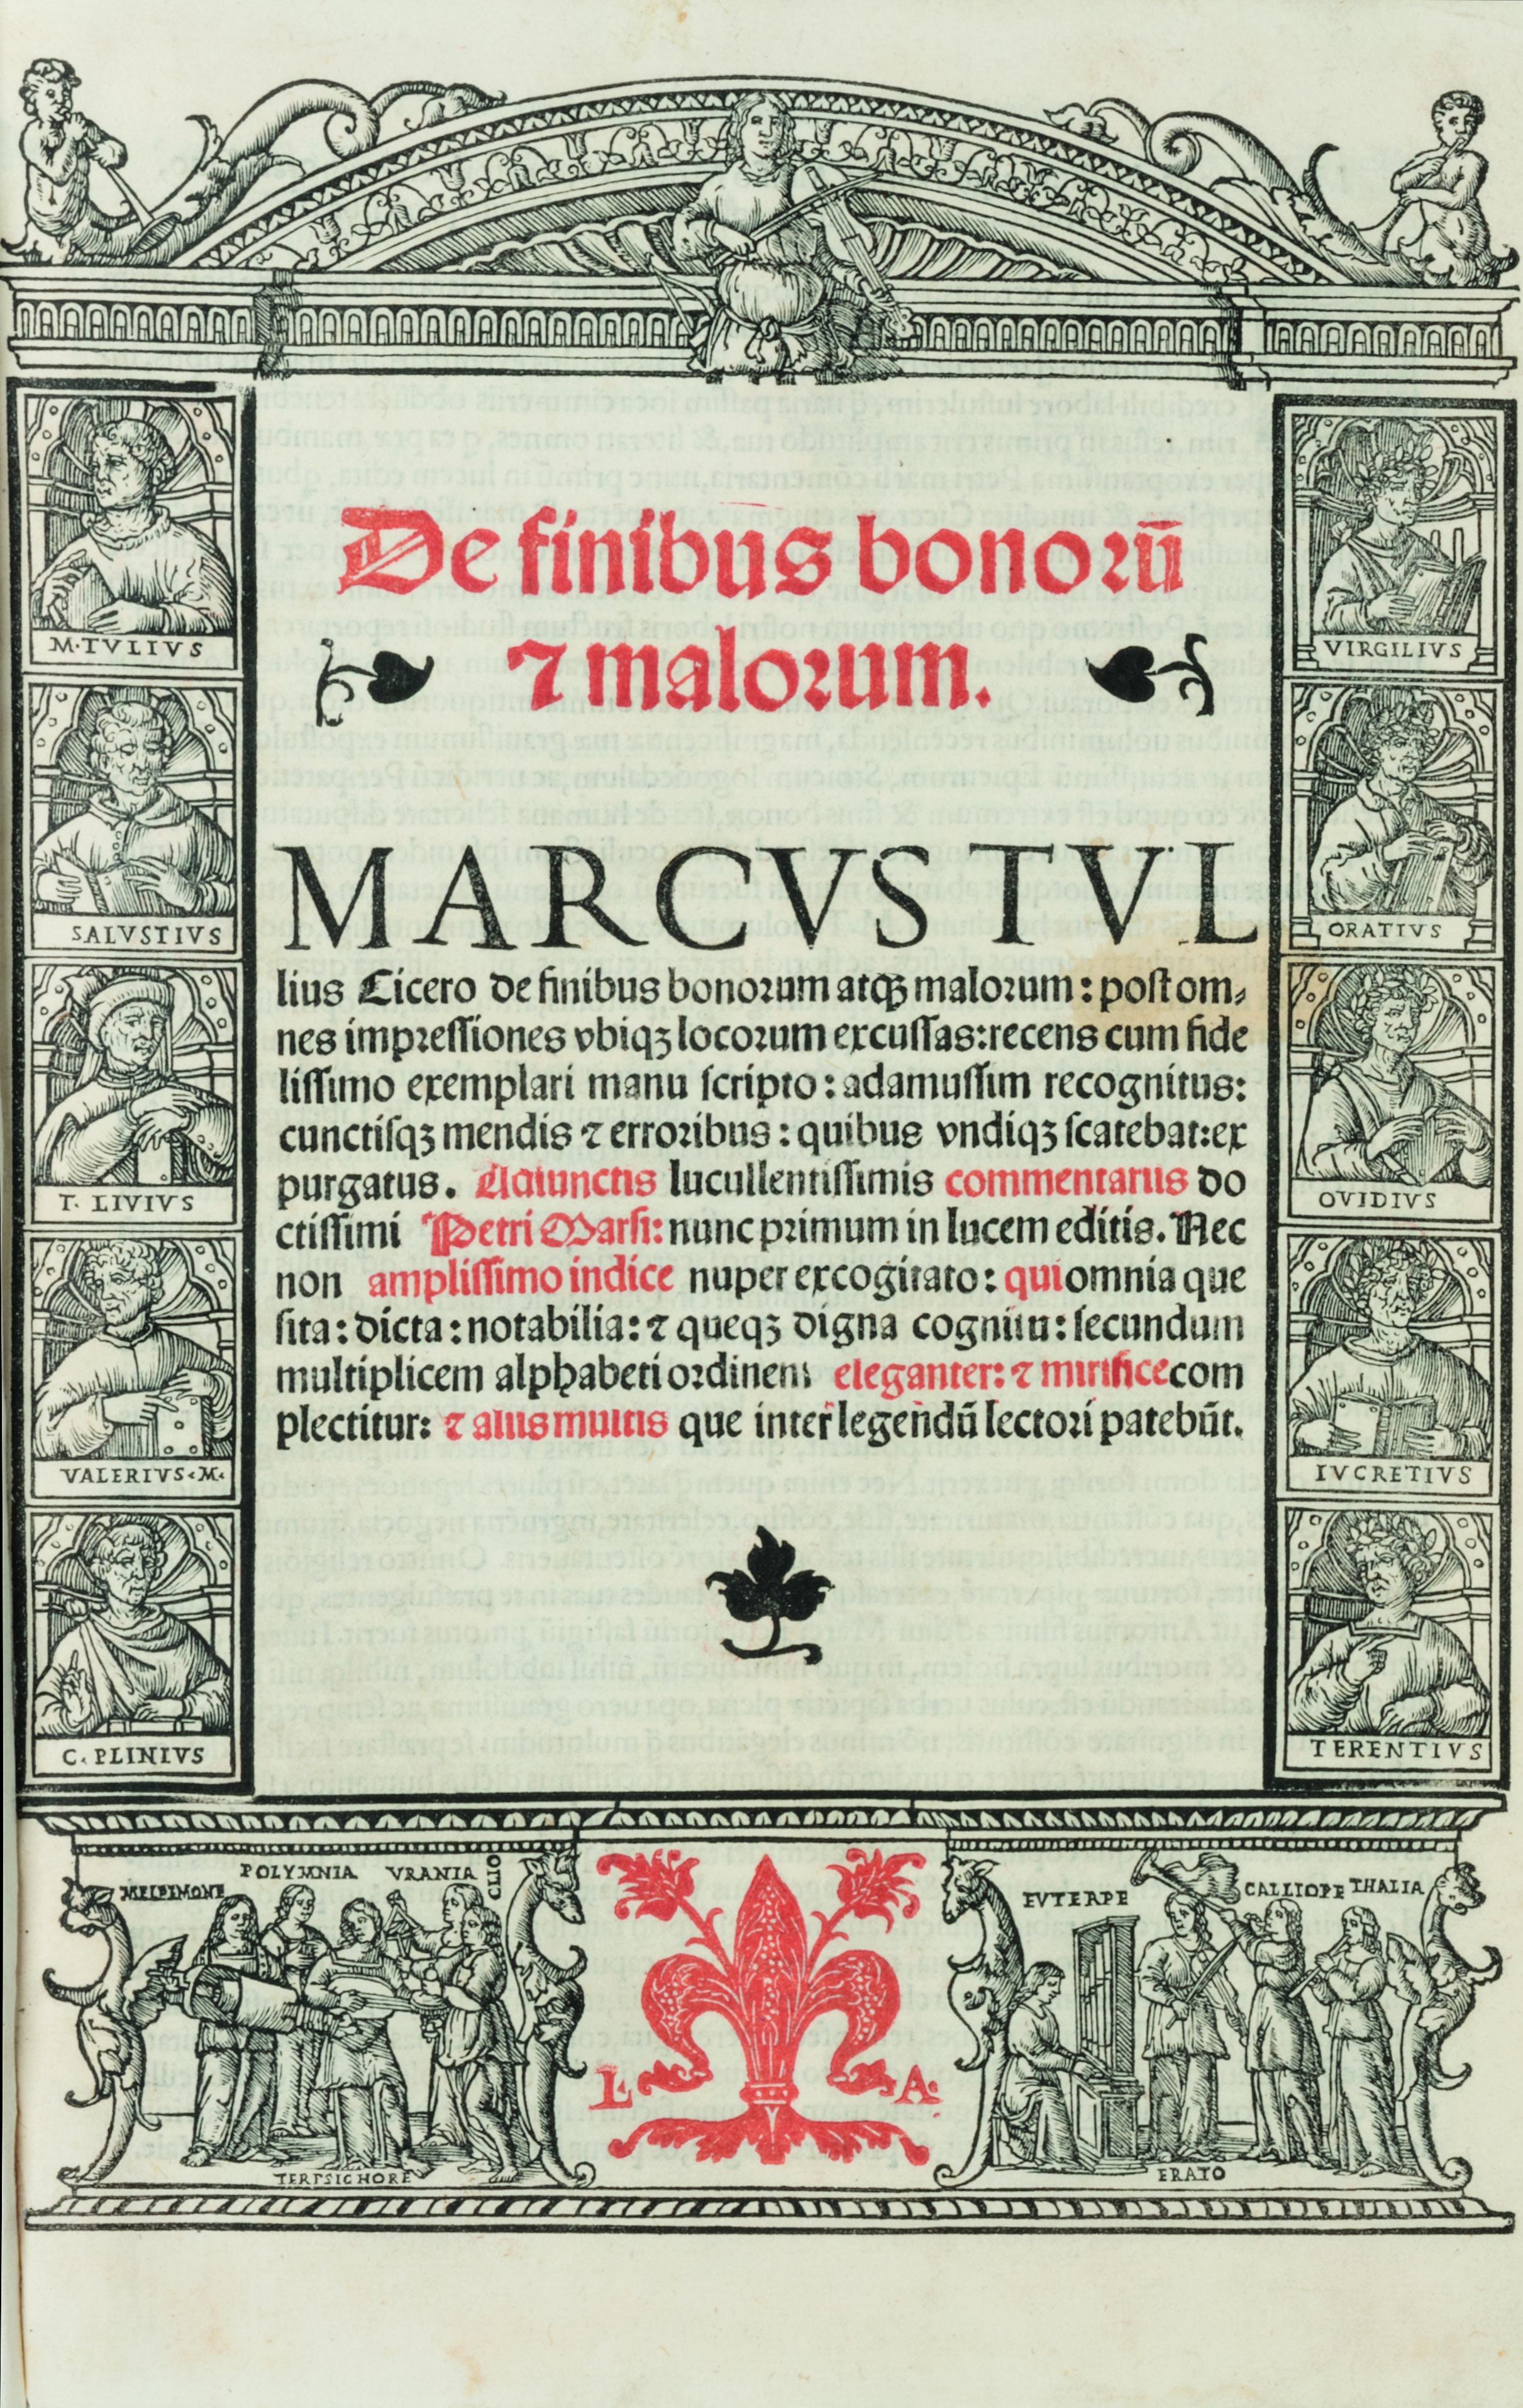 De finibus bonorum & malorum